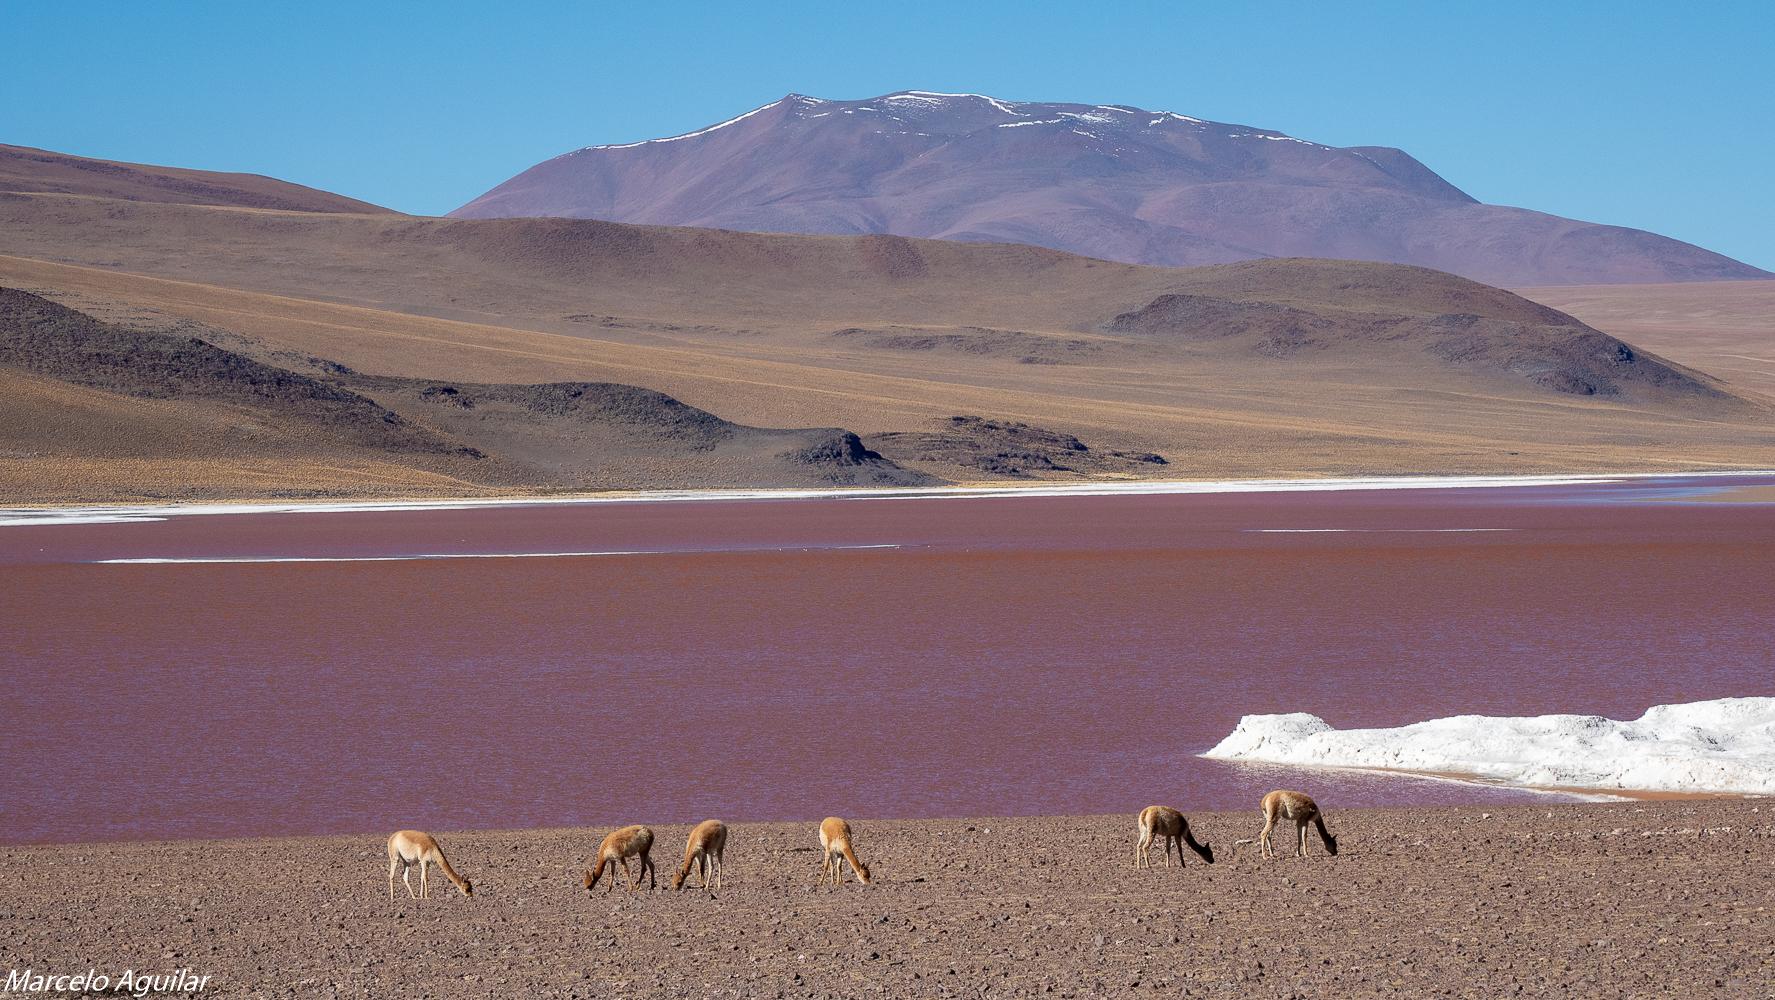 Laguna colorada et vicunas, Bolivia